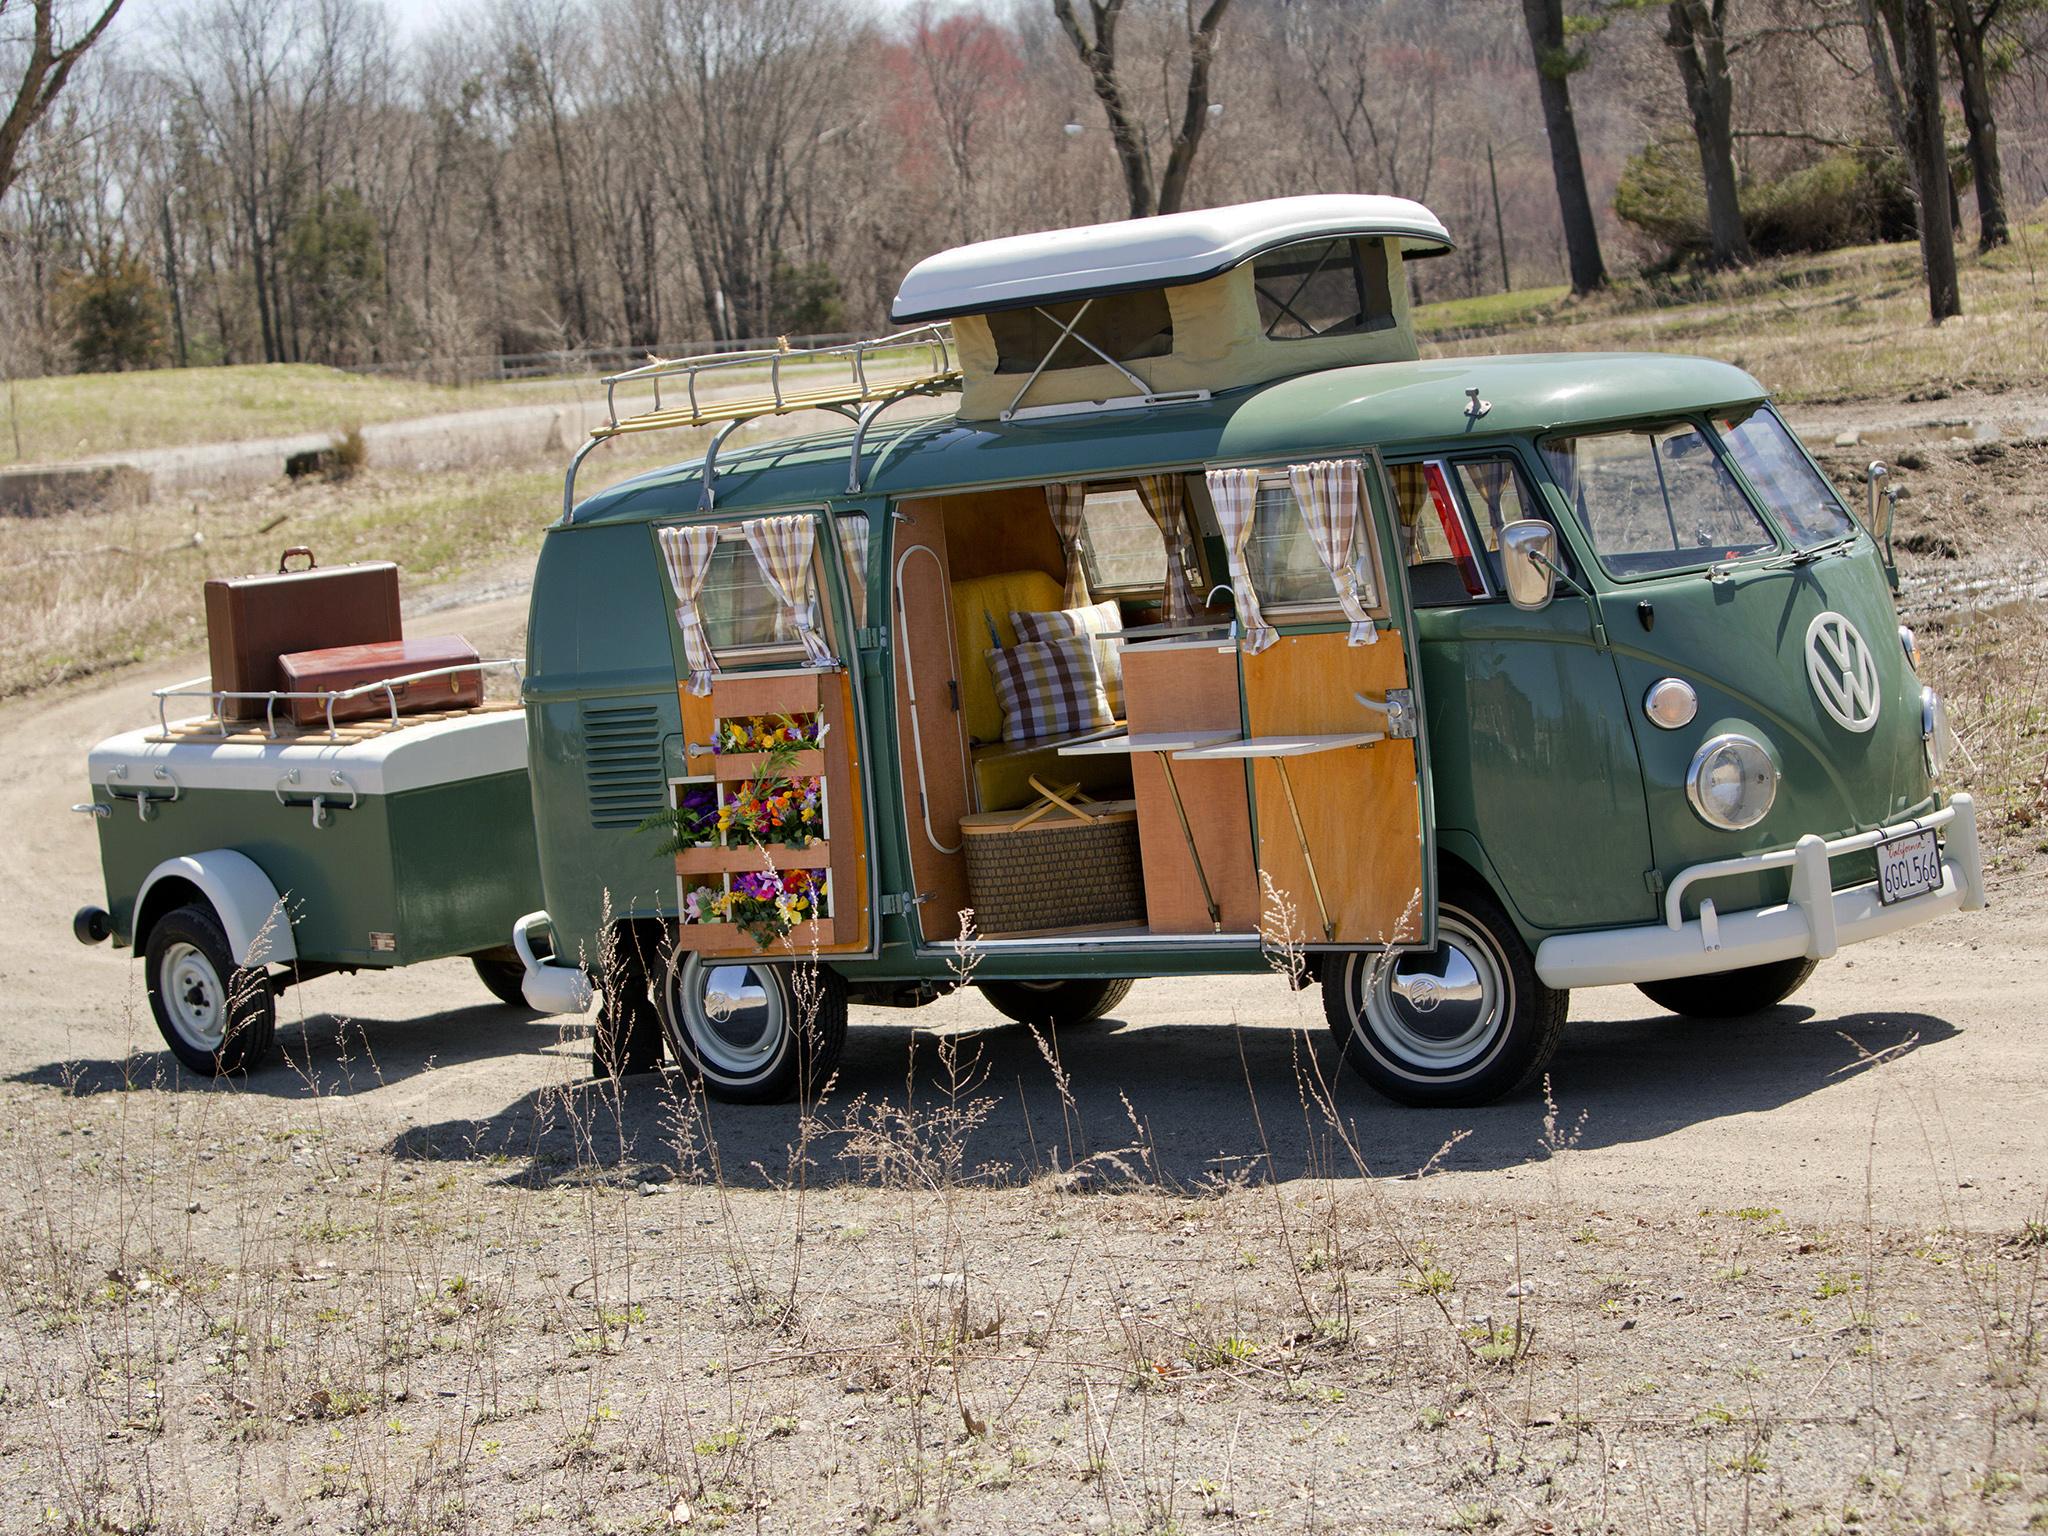 Vintage Vw Camper Vans For Sale 2013 Html Autos Weblog